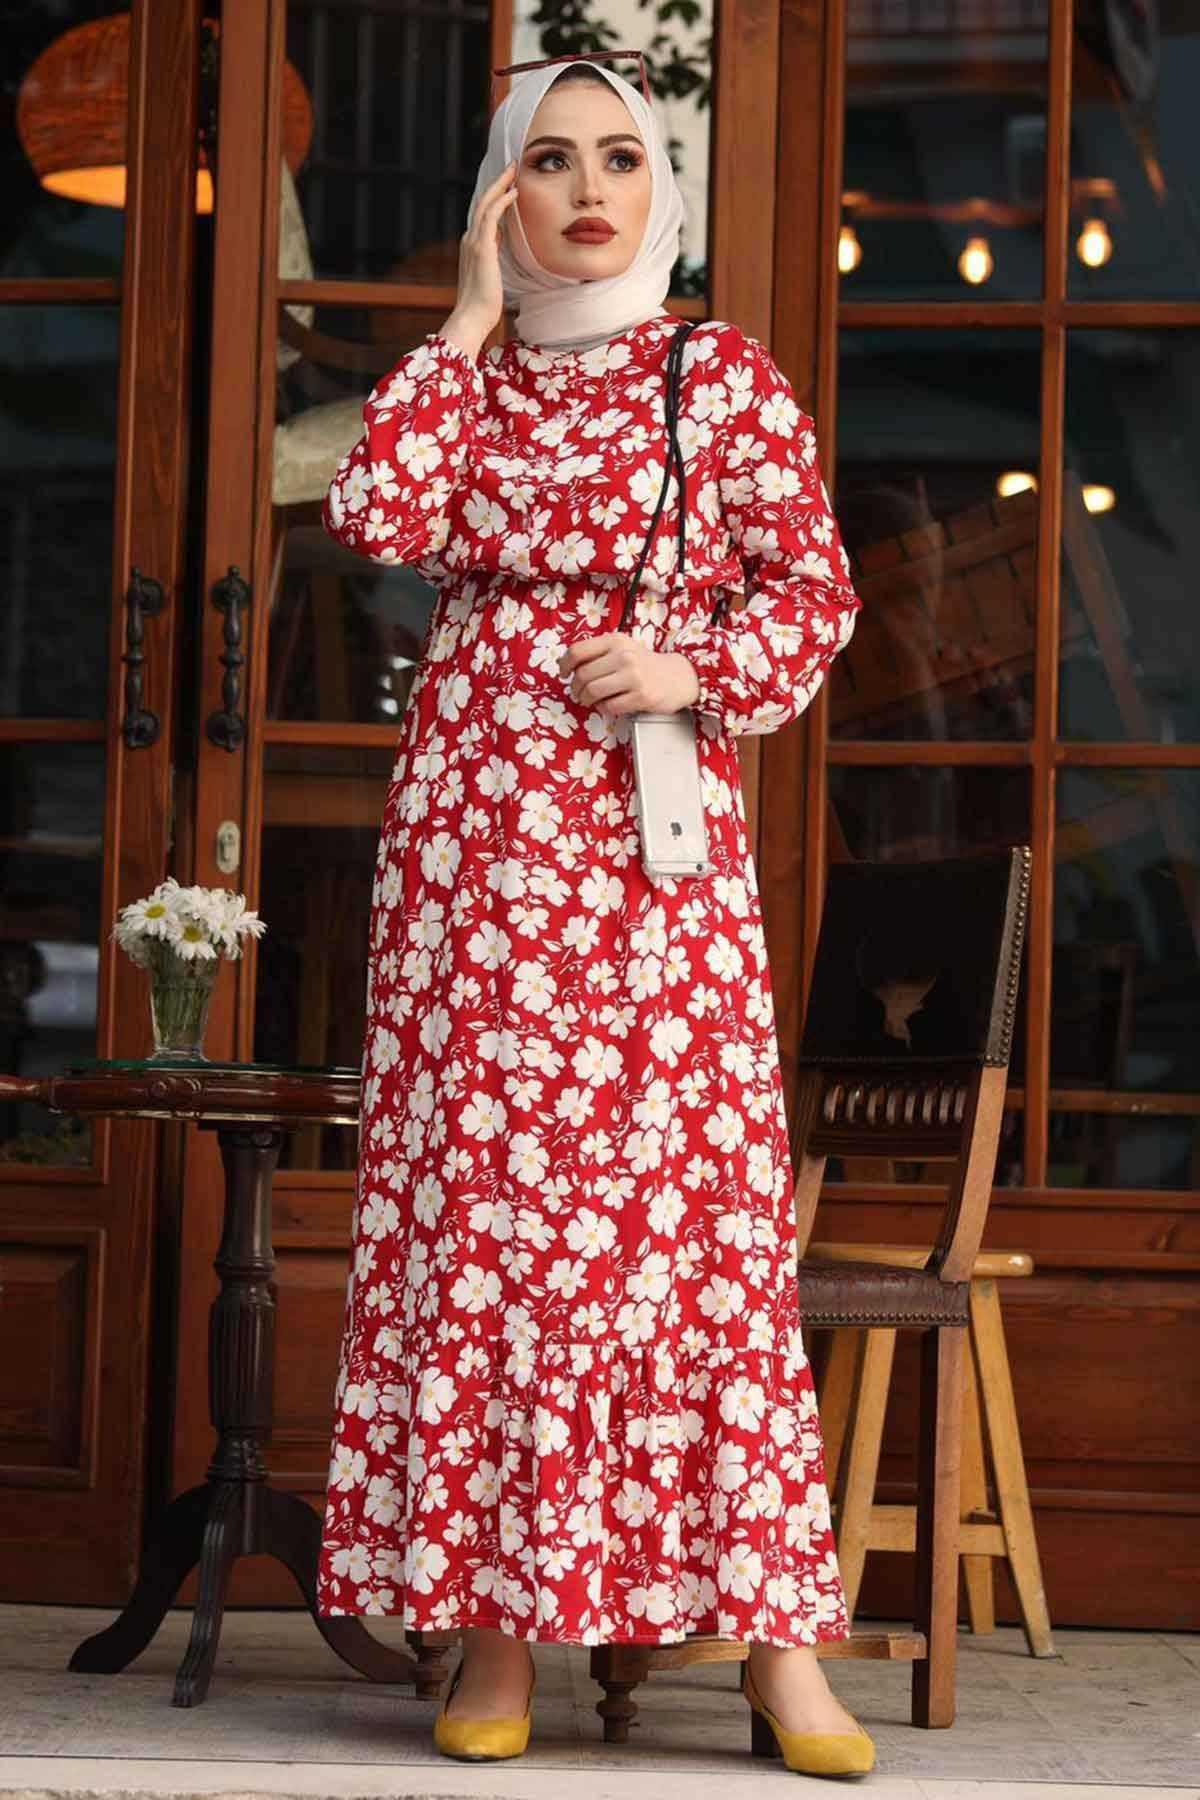 Ermi Tekstil Tesettür Yazlık Elbise Modelleri